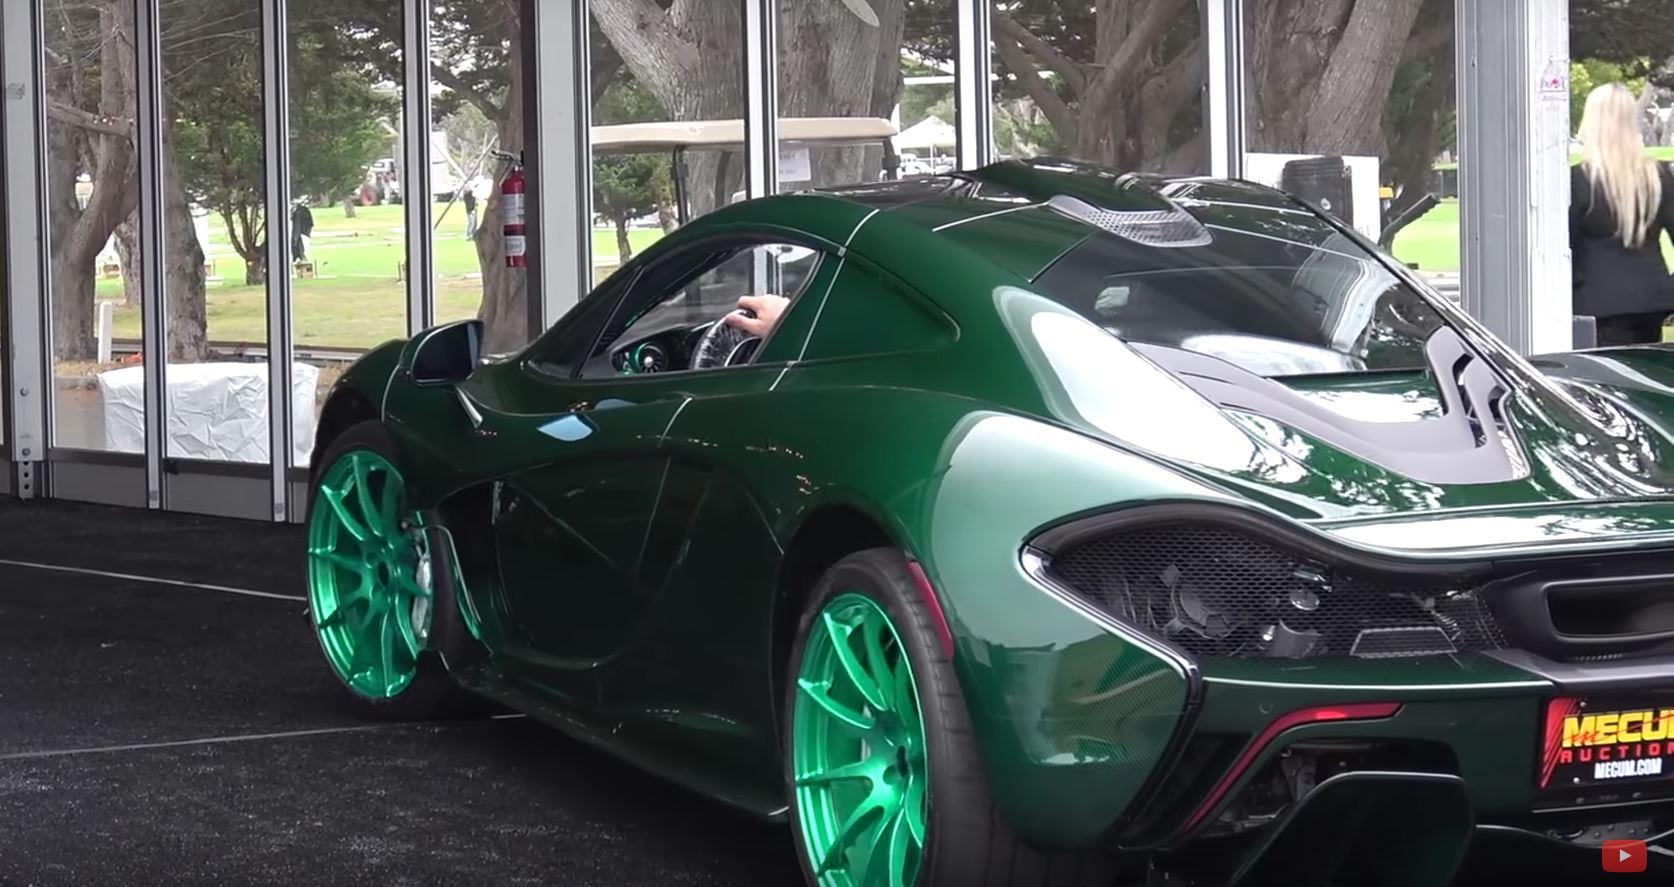 Green Carbon McLaren P1 Arrives at Mecum Auction, Looks Insane ...